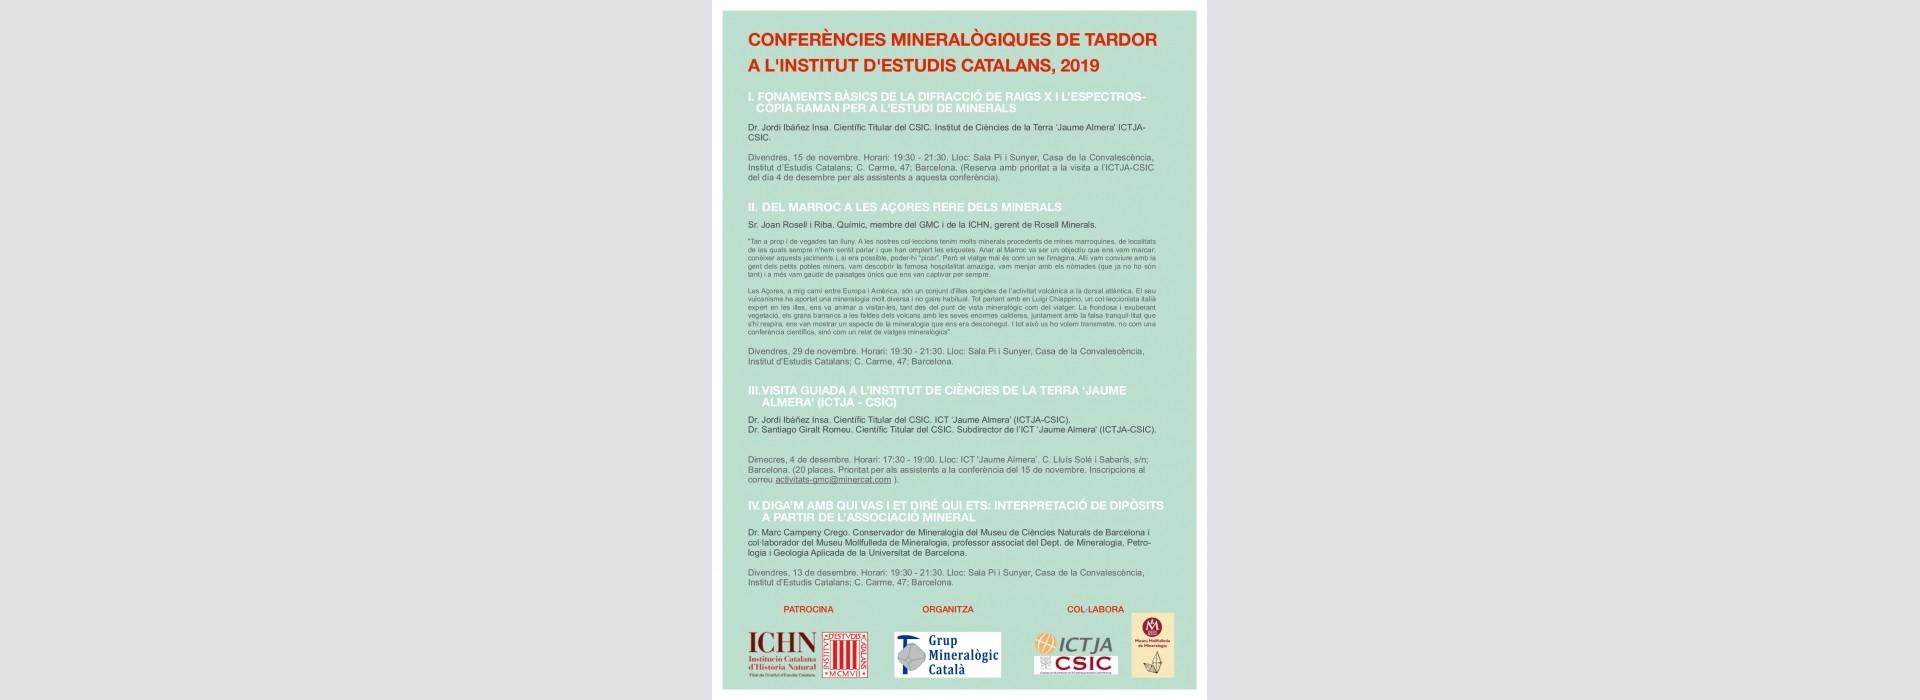 Conferencias mineralógicas de otoño en el Institut d'Estudis Catalans 2019